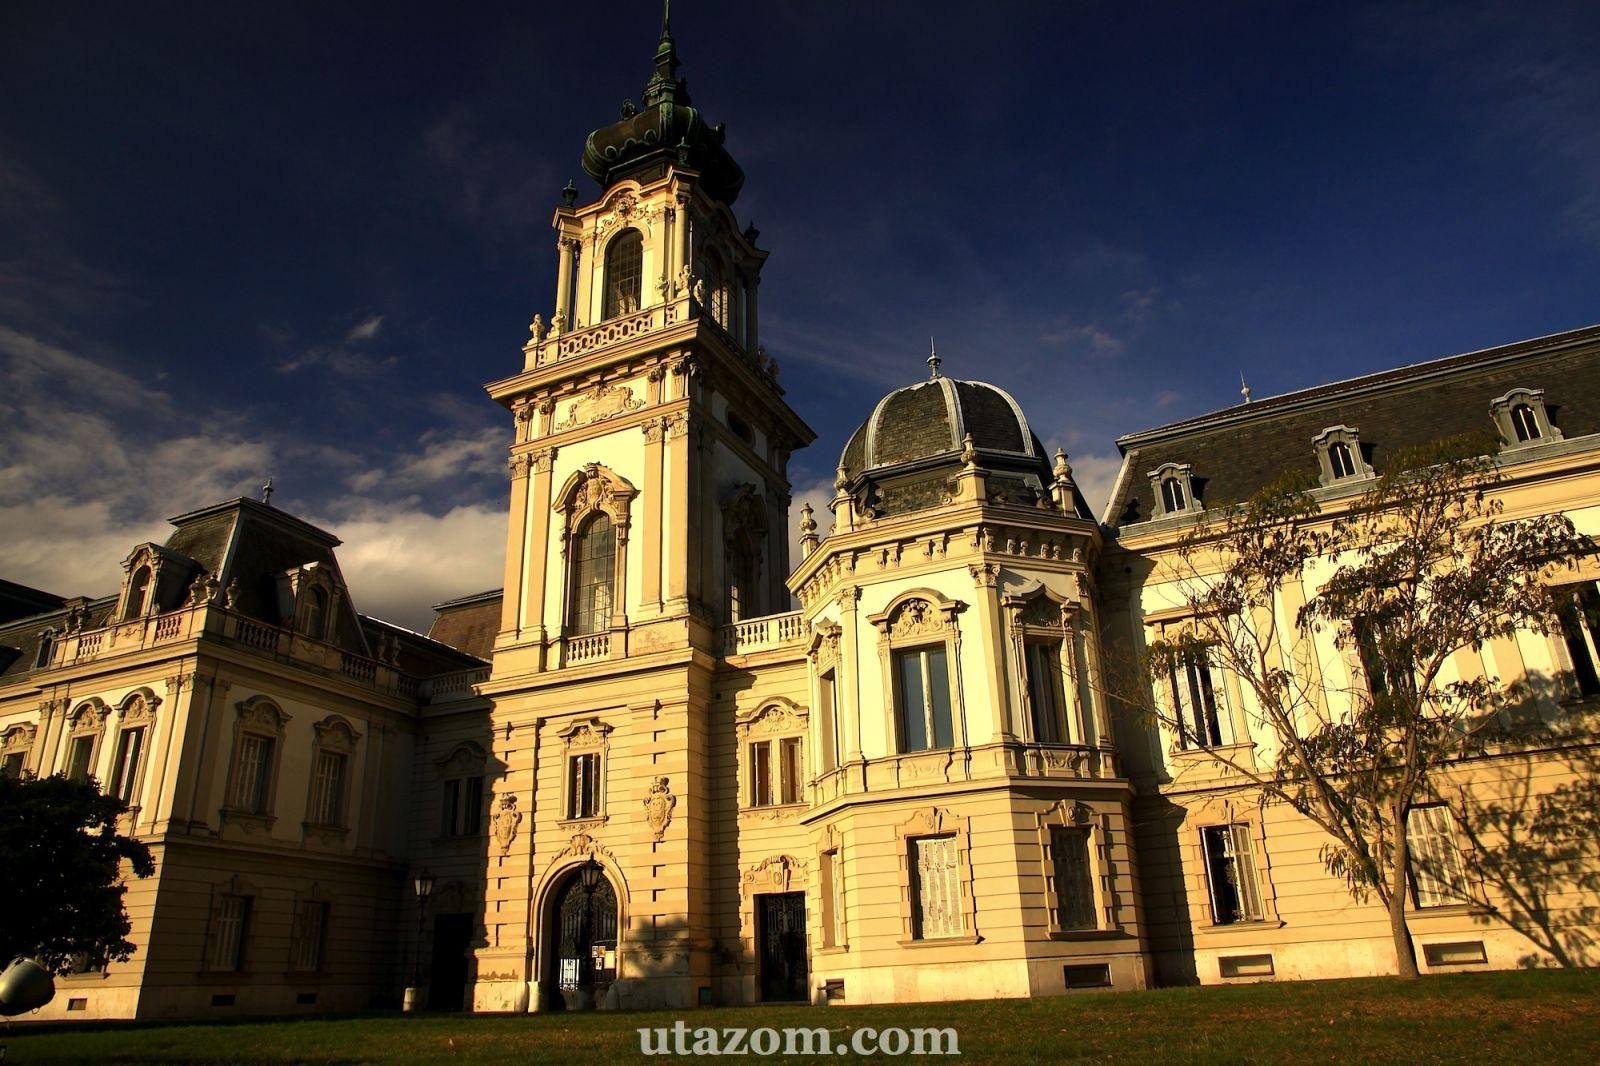 ed8e58a133 A 15 legszebb magyarországi kastély - Messzi tájak Európa gyalogtúra,  biciklitúra   Utazom.com utazási iroda